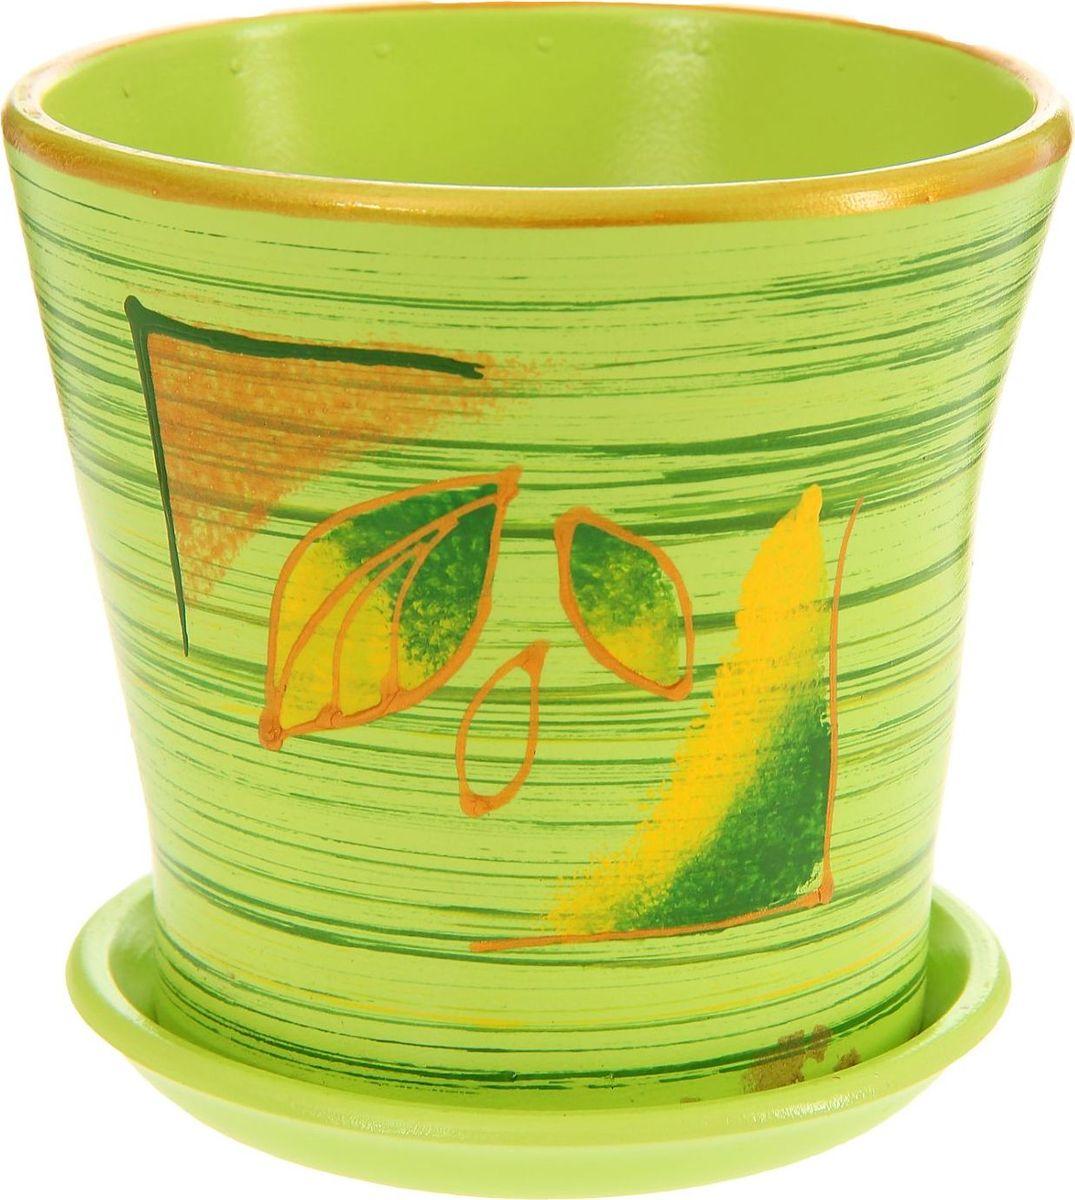 Кашпо Осенние листья, 0,5 л1157298Комнатные растения — всеобщие любимцы. Они радуют глаз, насыщают помещение кислородом и украшают пространство. Каждому из них необходим свой удобный и красивый дом. Кашпо из керамики прекрасно подходят для высадки растений: за счет пластичности глины и разных способов обработки существует великое множество форм и дизайнов пористый материал позволяет испаряться лишней влаге воздух, необходимый для дыхания корней, проникает сквозь керамические стенки! позаботится о зеленом питомце, освежит интерьер и подчеркнет его стиль.